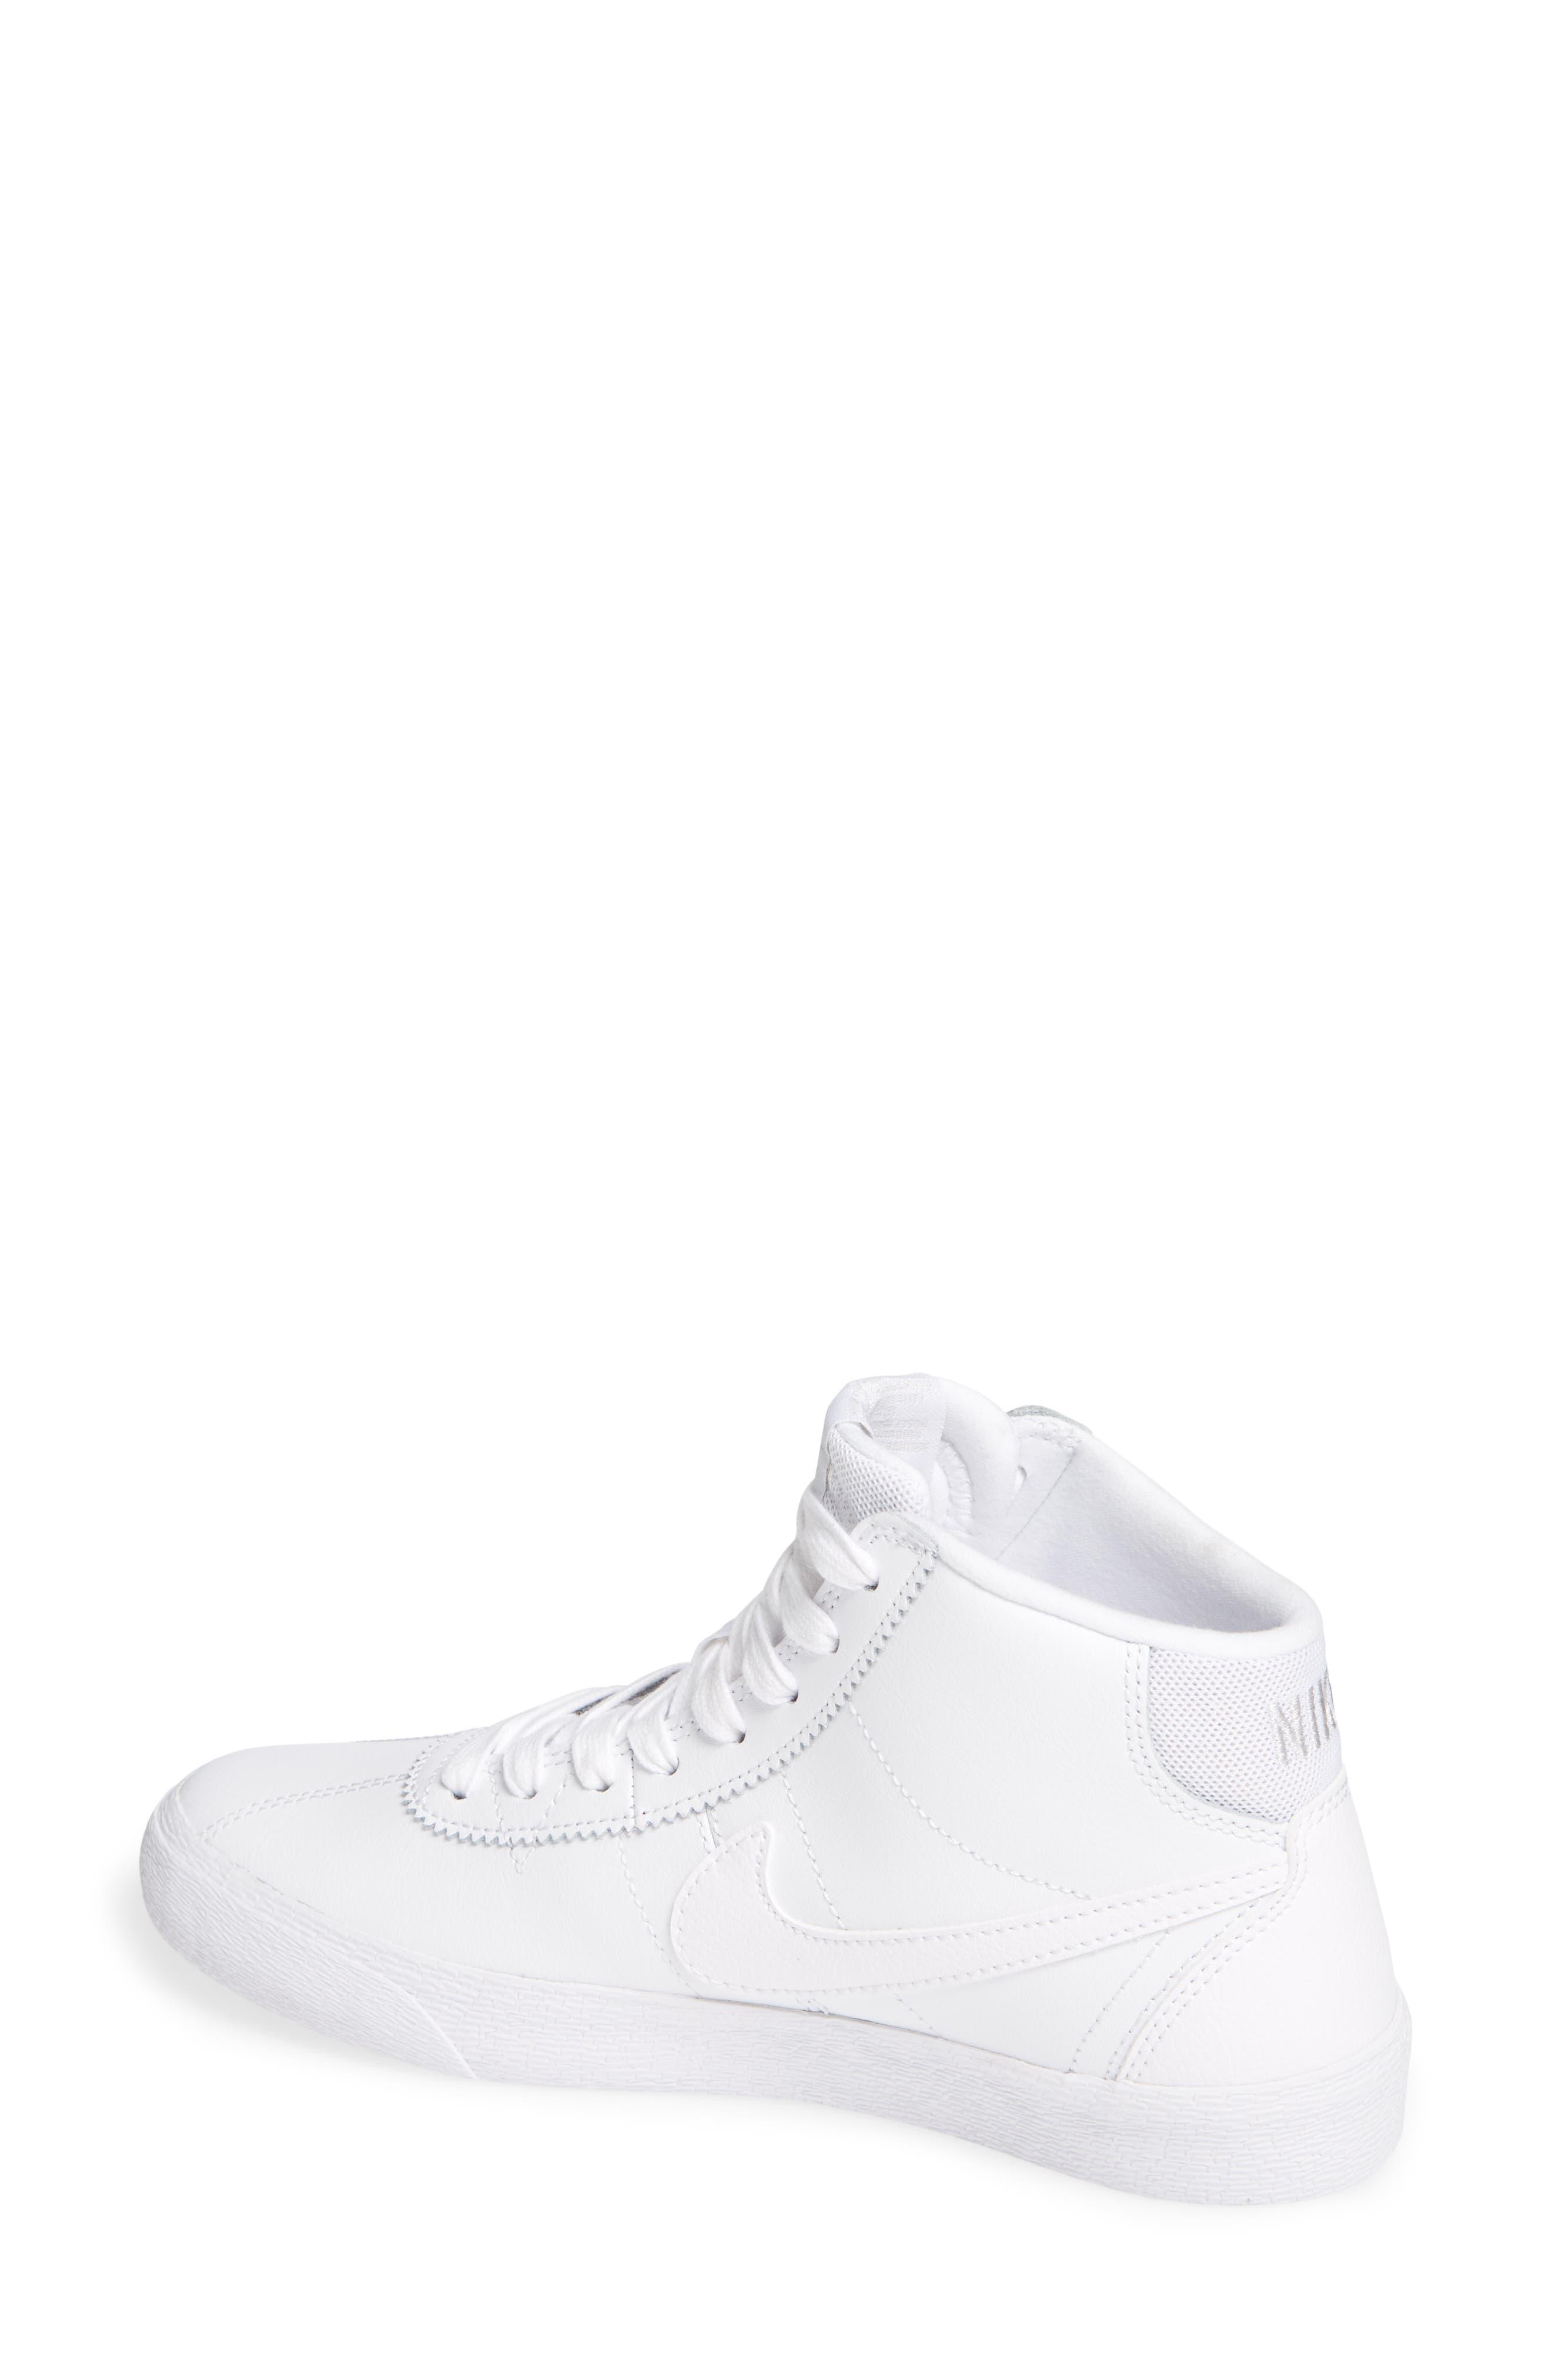 SB Bruin Hi Skateboarding Sneaker,                             Alternate thumbnail 2, color,                             WHITE/ WHITE/ VAST GREY